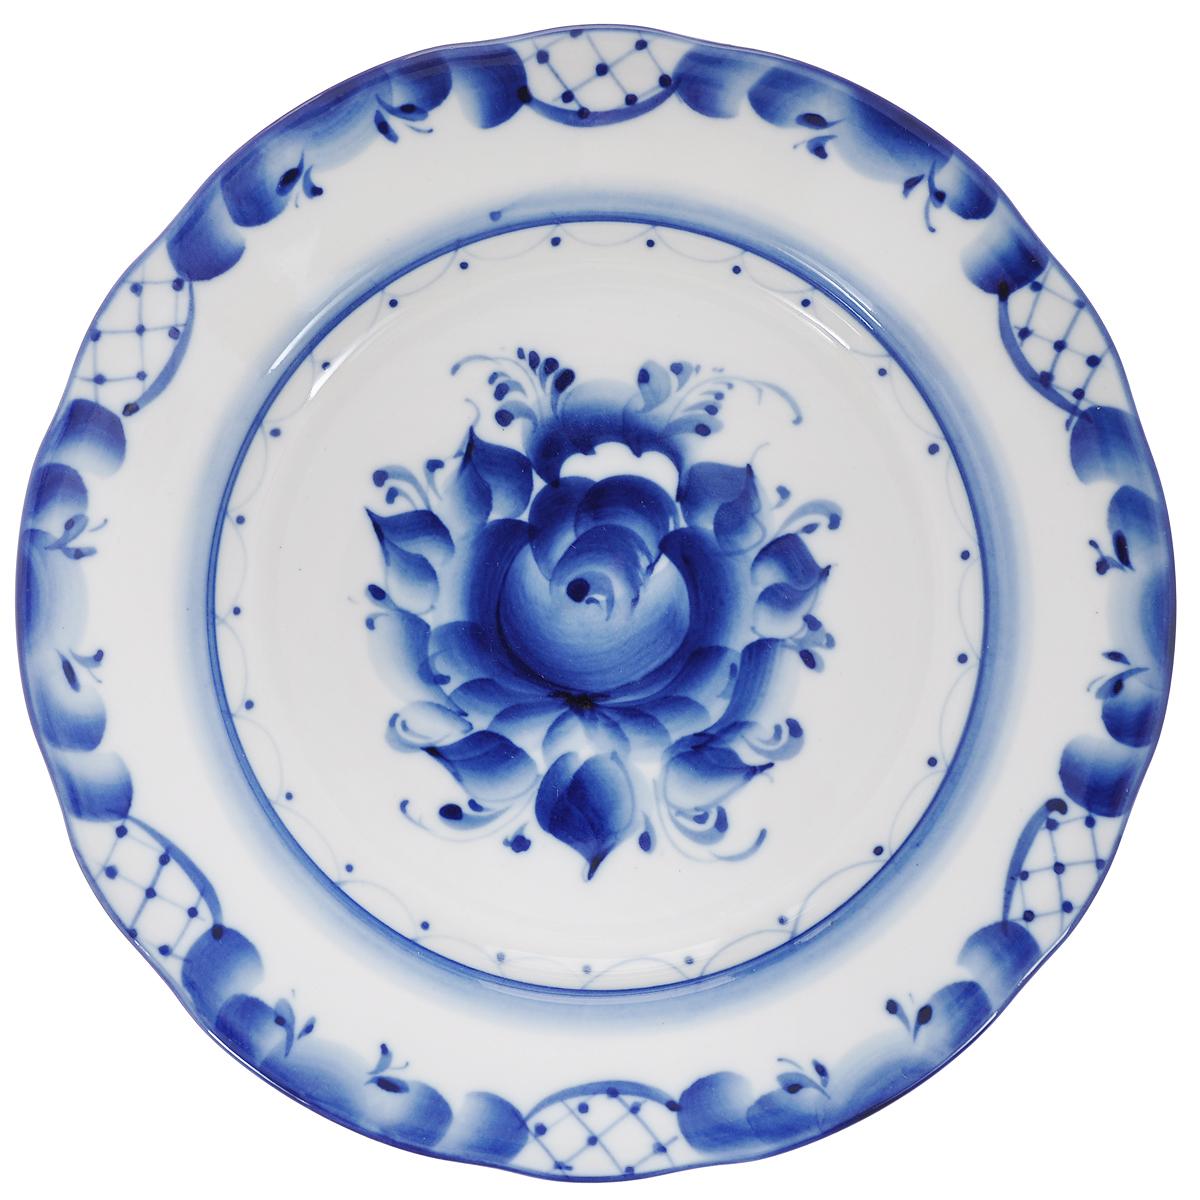 Тарелка десертная Дубок, диаметр 20 см993026451Тарелка десертная Дубок, изготовленная из высококачественной керамики, предназначена для красивой сервировки стола. Тарелка оформлена оригинальной гжельской росписью. Прекрасный дизайн изделия идеально подойдет для сервировки стола. Обращаем ваше внимание, что роспись на изделиях сделана вручную. Рисунок может немного отличаться от изображения на фотографии. Диаметр: 20 см. Высота тарелки: 2 см.